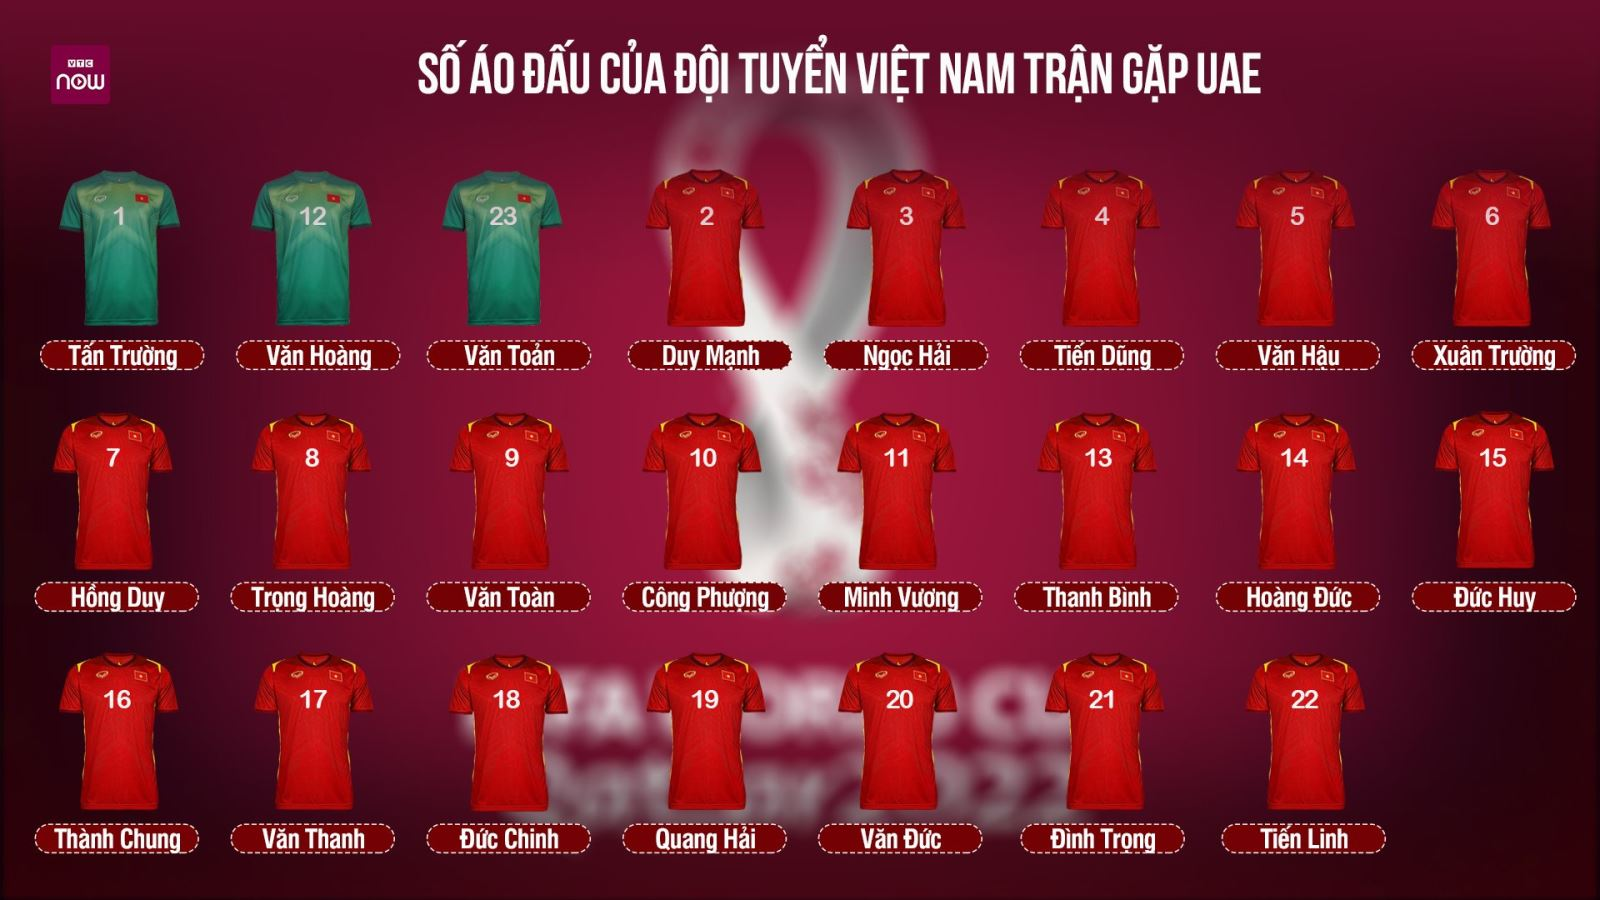 bảng xếp hạng bảng G, lịch thi đấu vòng loại World Cup 2022, bảng xếp hạng bóng đá Việt Nam, UAE vs Việt Nam, Việt Nam, vtv6, trực tiếp bóng đá hôm nay